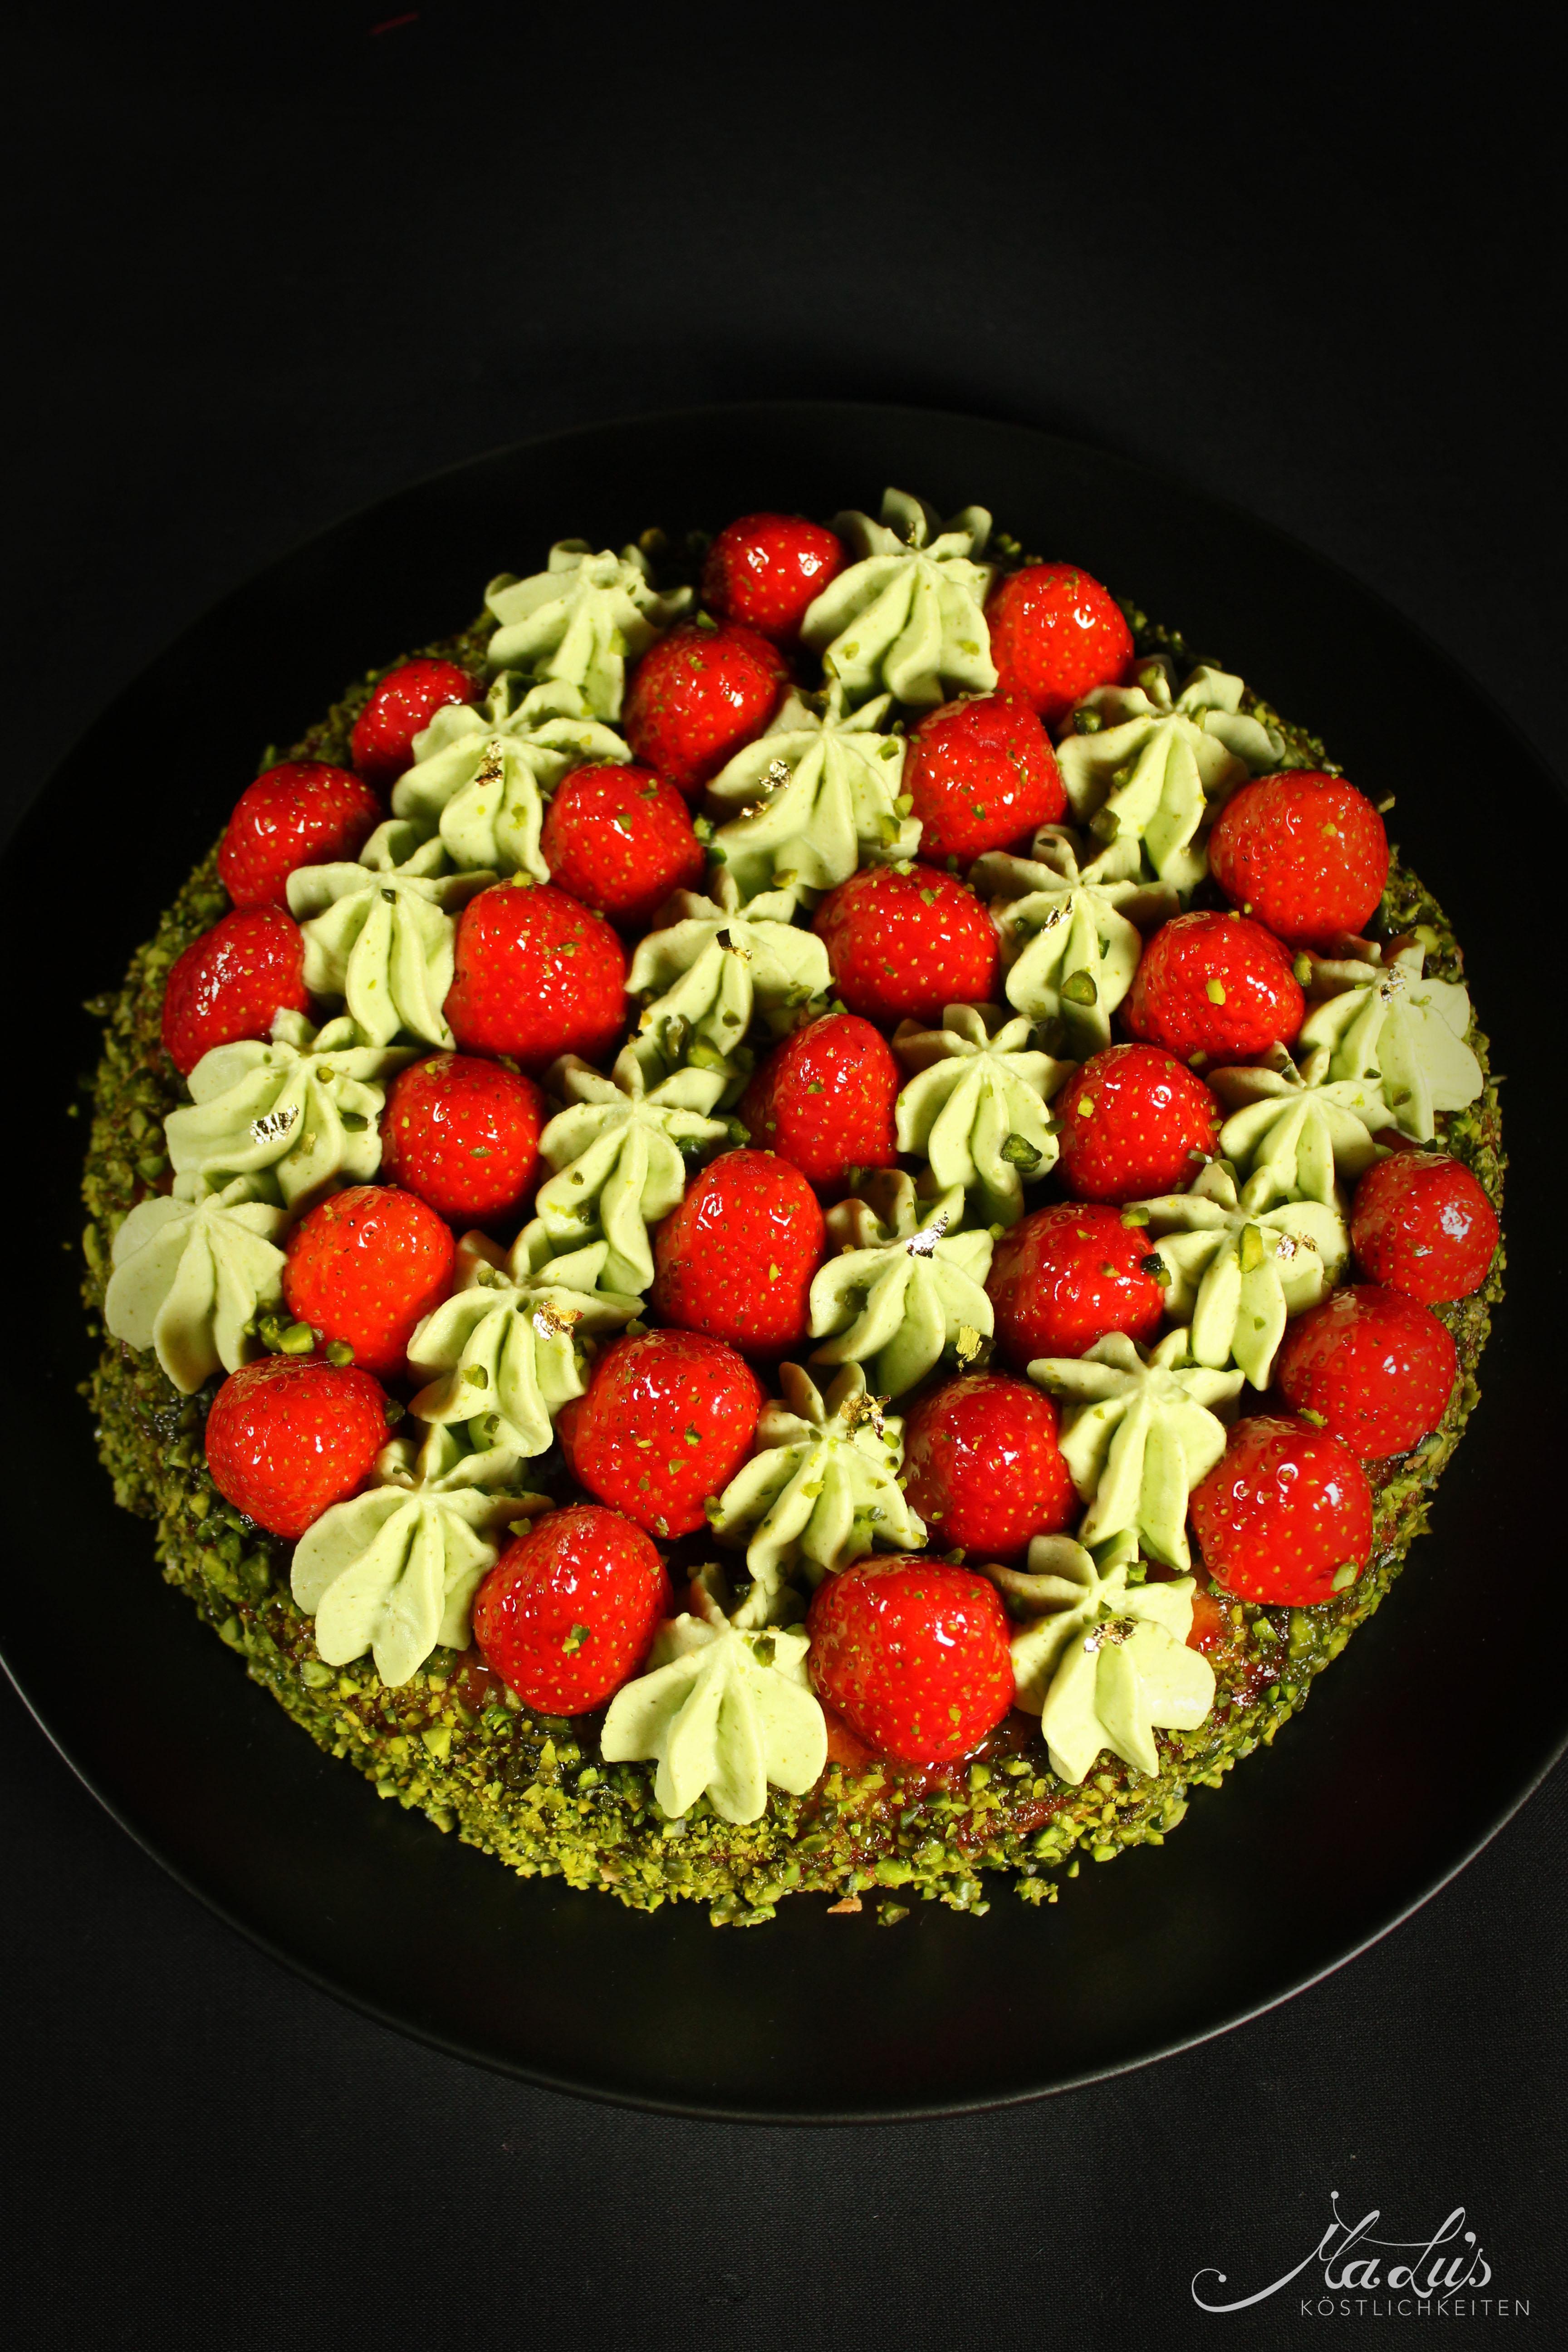 Erdbeer-Pistazien Tarte_1046_f